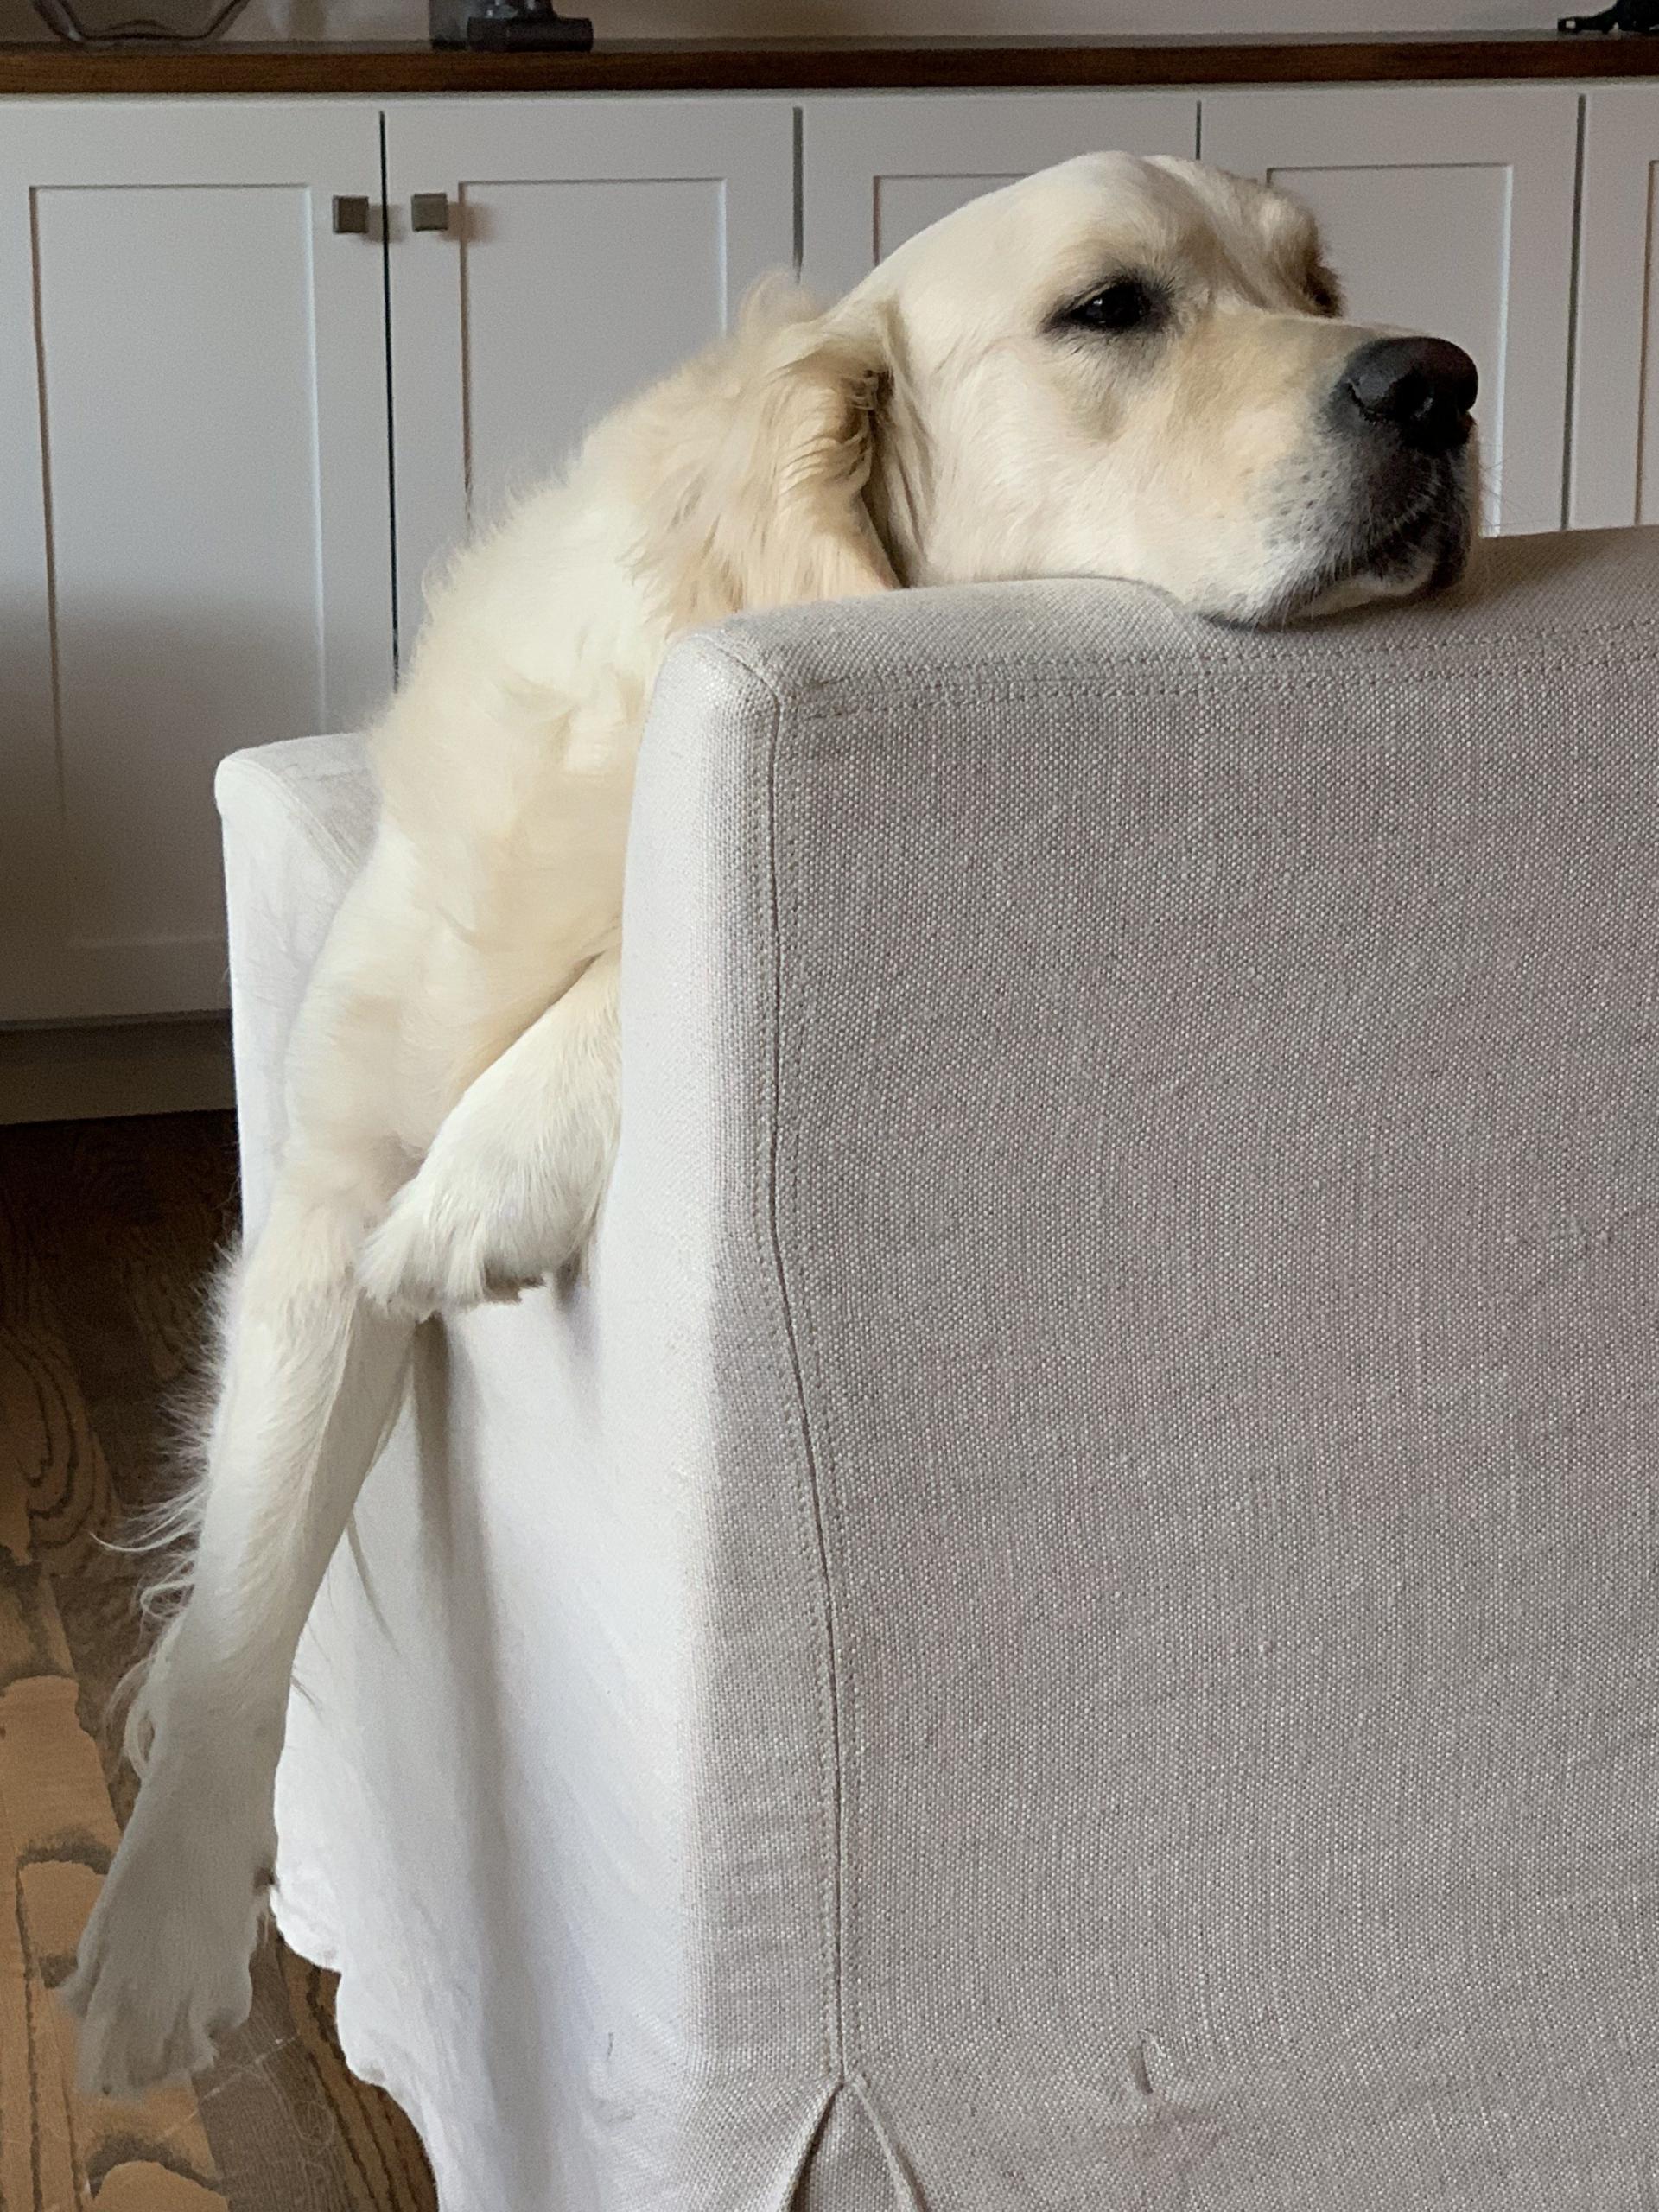 happy families english cream golden retriever puppy update butters (Sailor/Ego) testimonials puppy updates